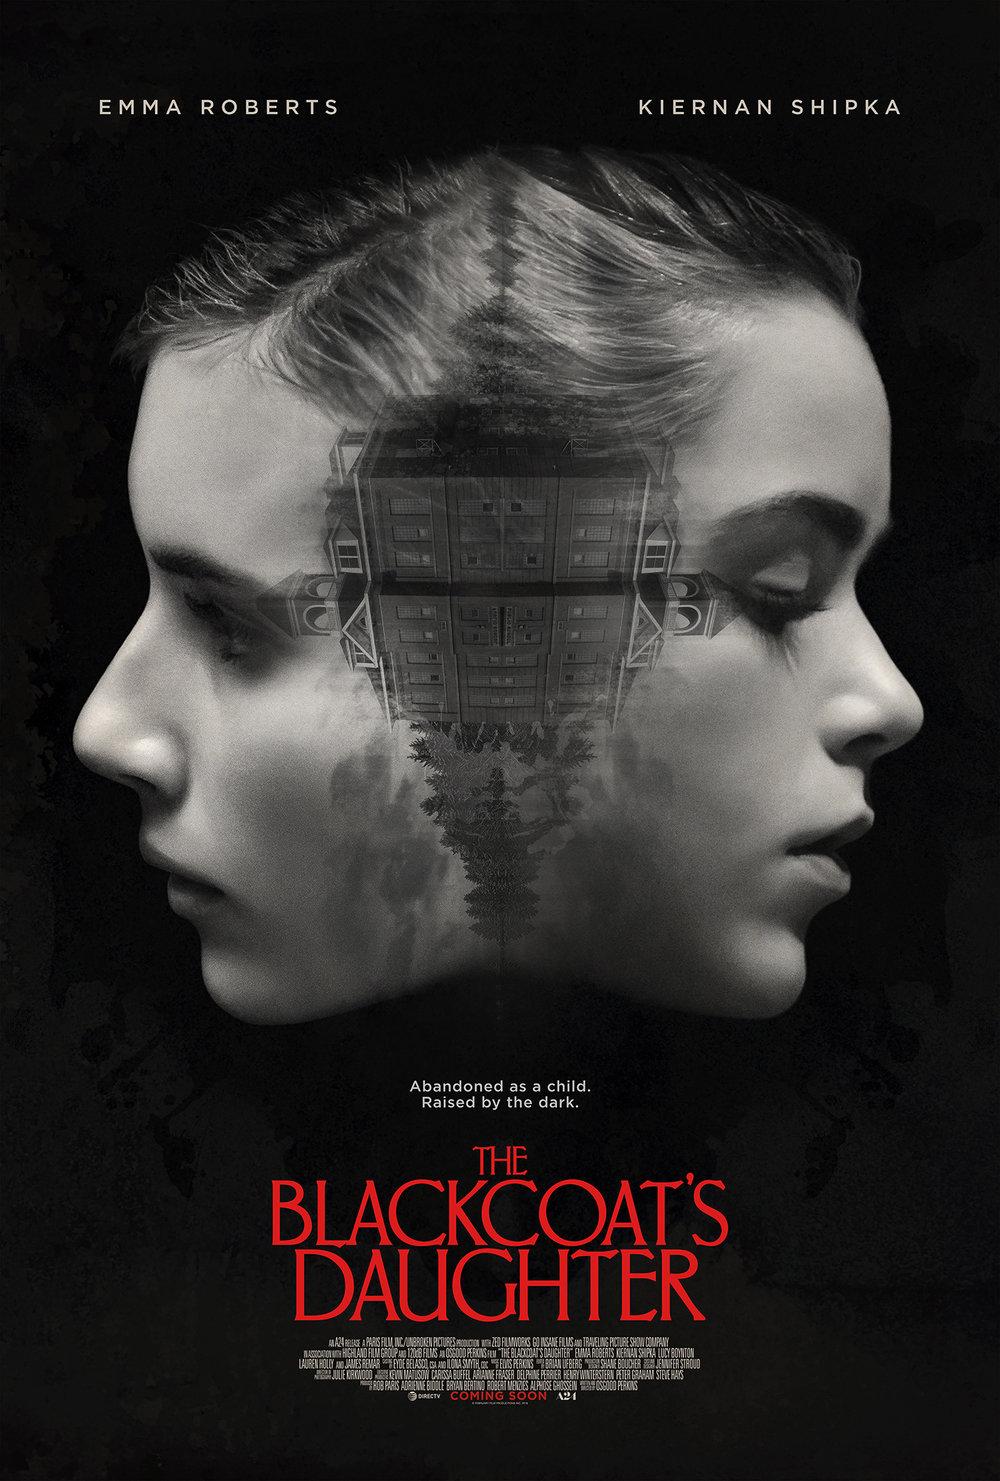 BlackcoatsDaughter_1Sht_Trim_100dpi.jpg